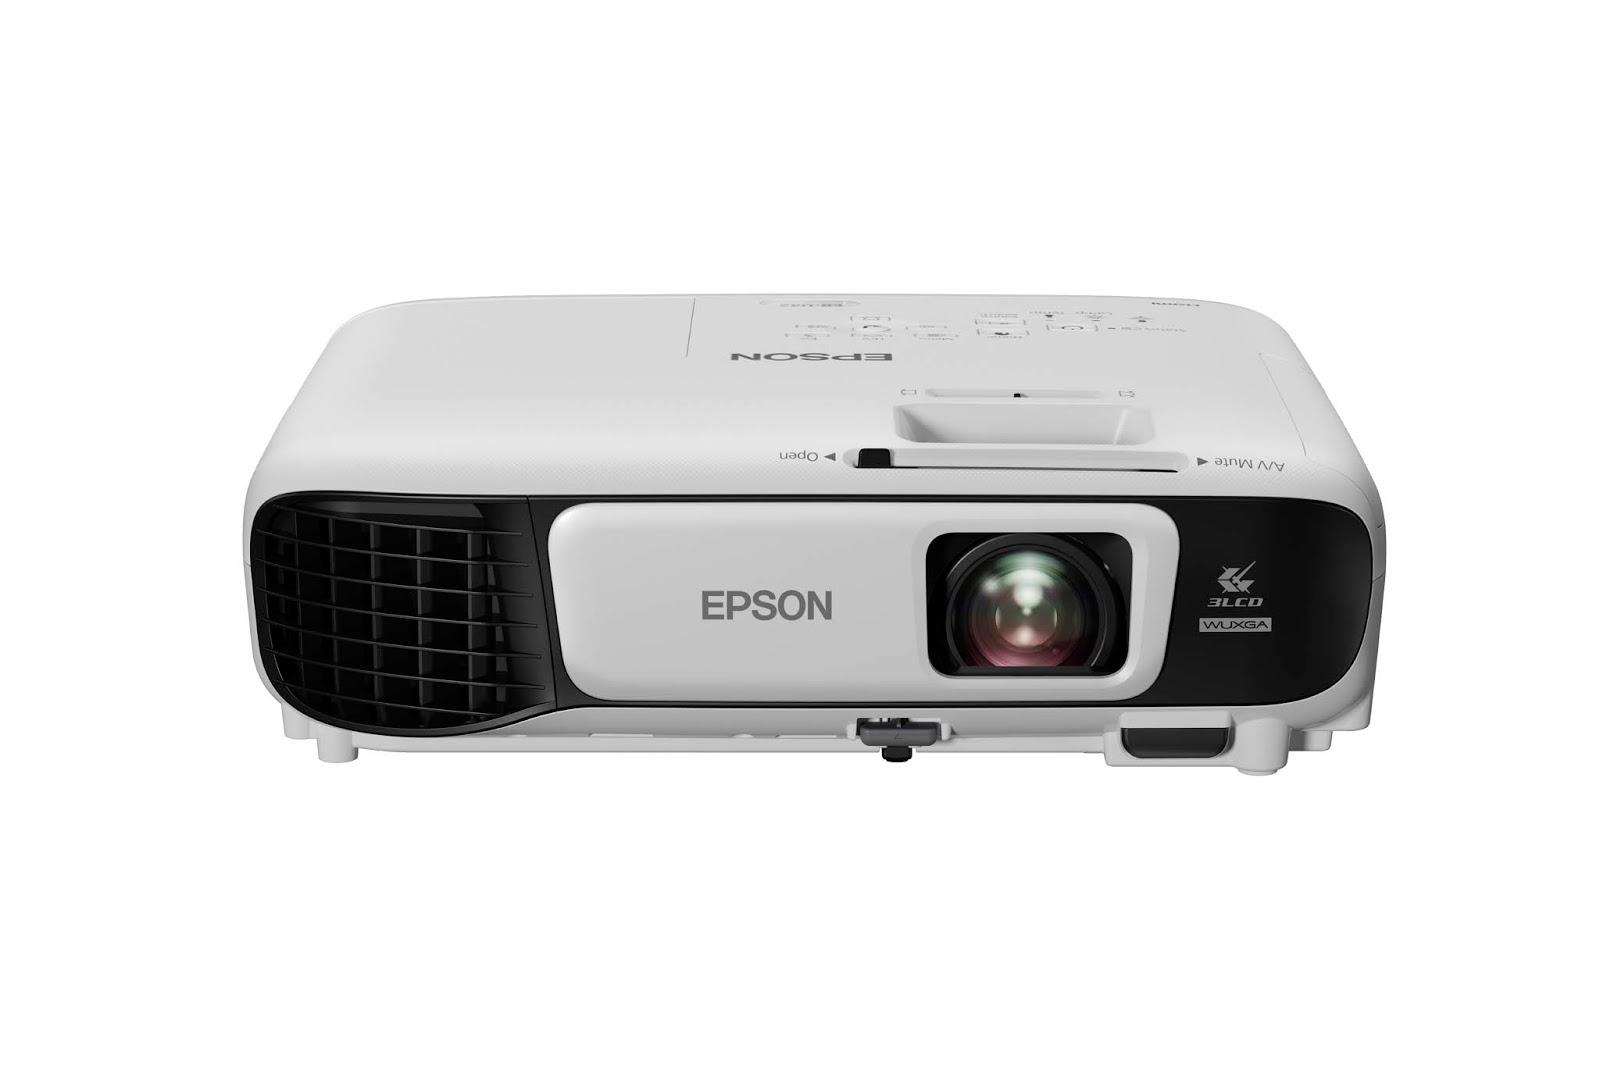 Epson presenta sus proyectores estrella para disfrutar de los mejores campeonatos de fútbol